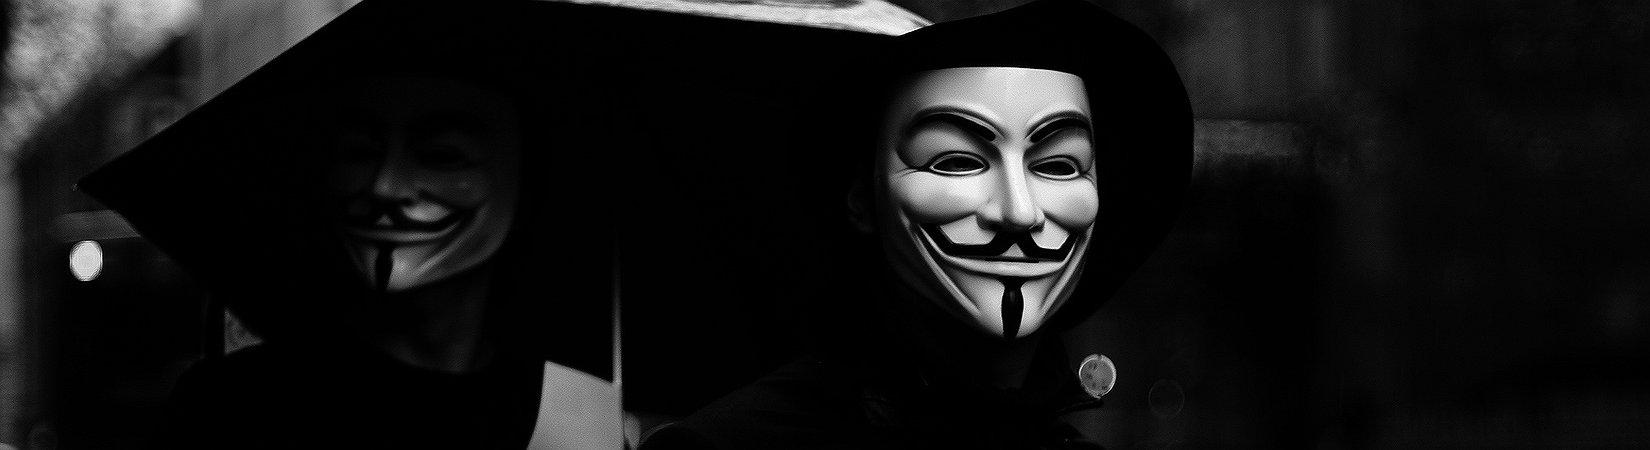 Создатели мира криптовалют: Кому биткоин обязан успехом